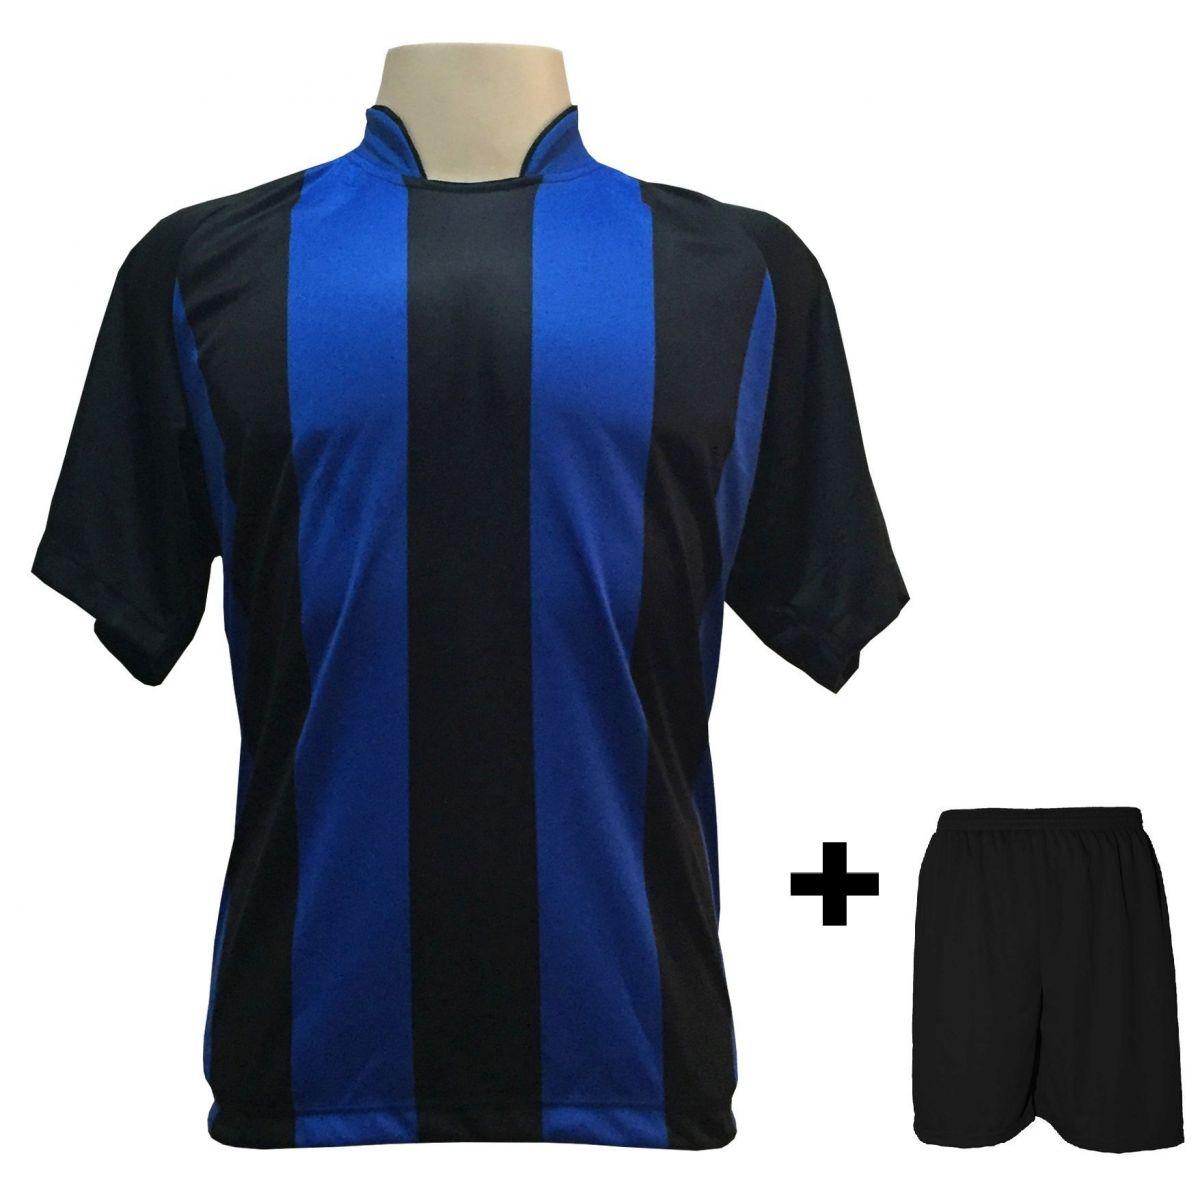 b9fc6c959491d Uniforme Esportivo com 12 camisas modelo Milan Preto Royal + 12 calções  modelo Madrid + ...